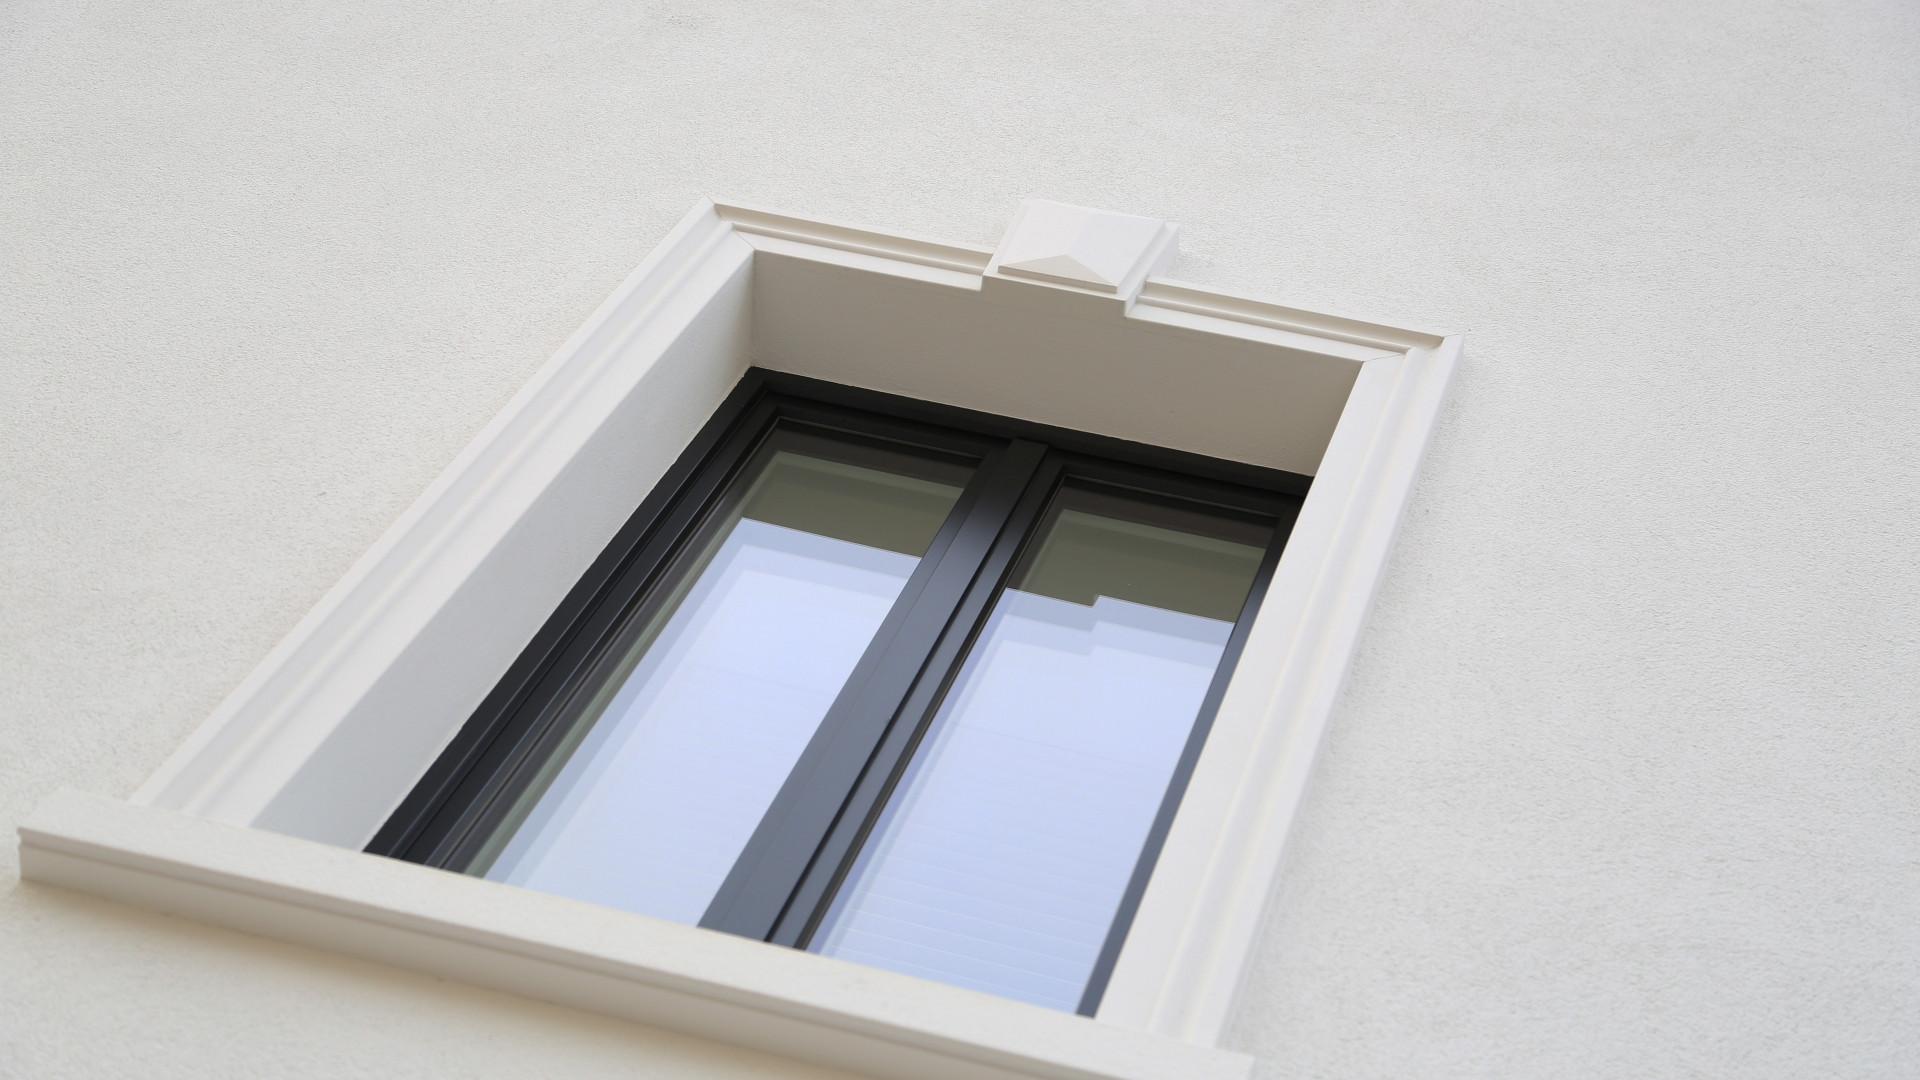 Prix Changement Fenetre Maison bamolux pose vos fenêtres sur mesure au luxembourg